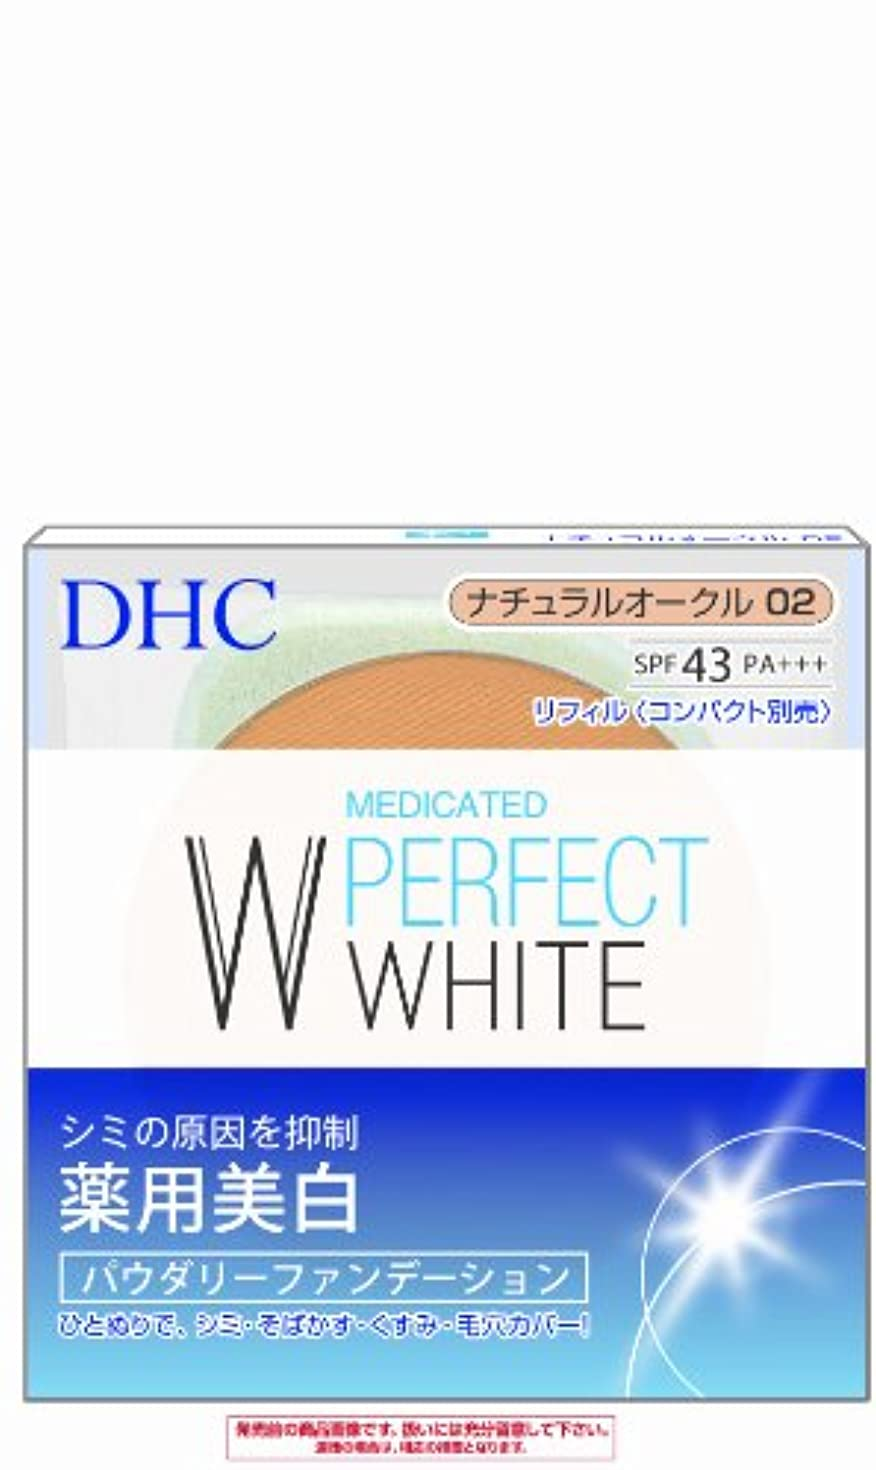 マントルチョーク宿題をするDHC薬用PWパウダリーファンデNO02 10g